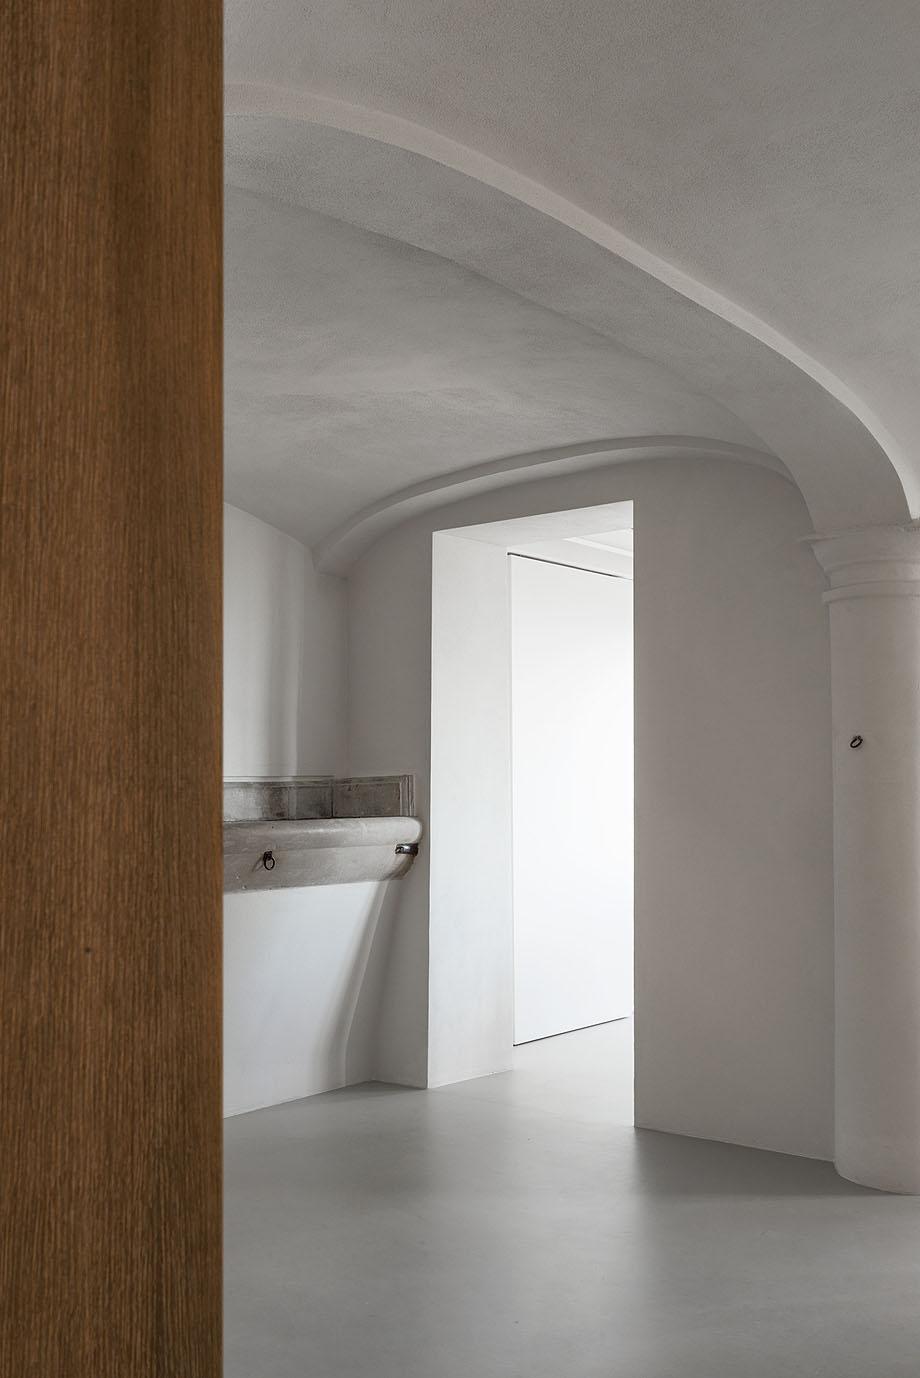 casa ag due architetti (13)